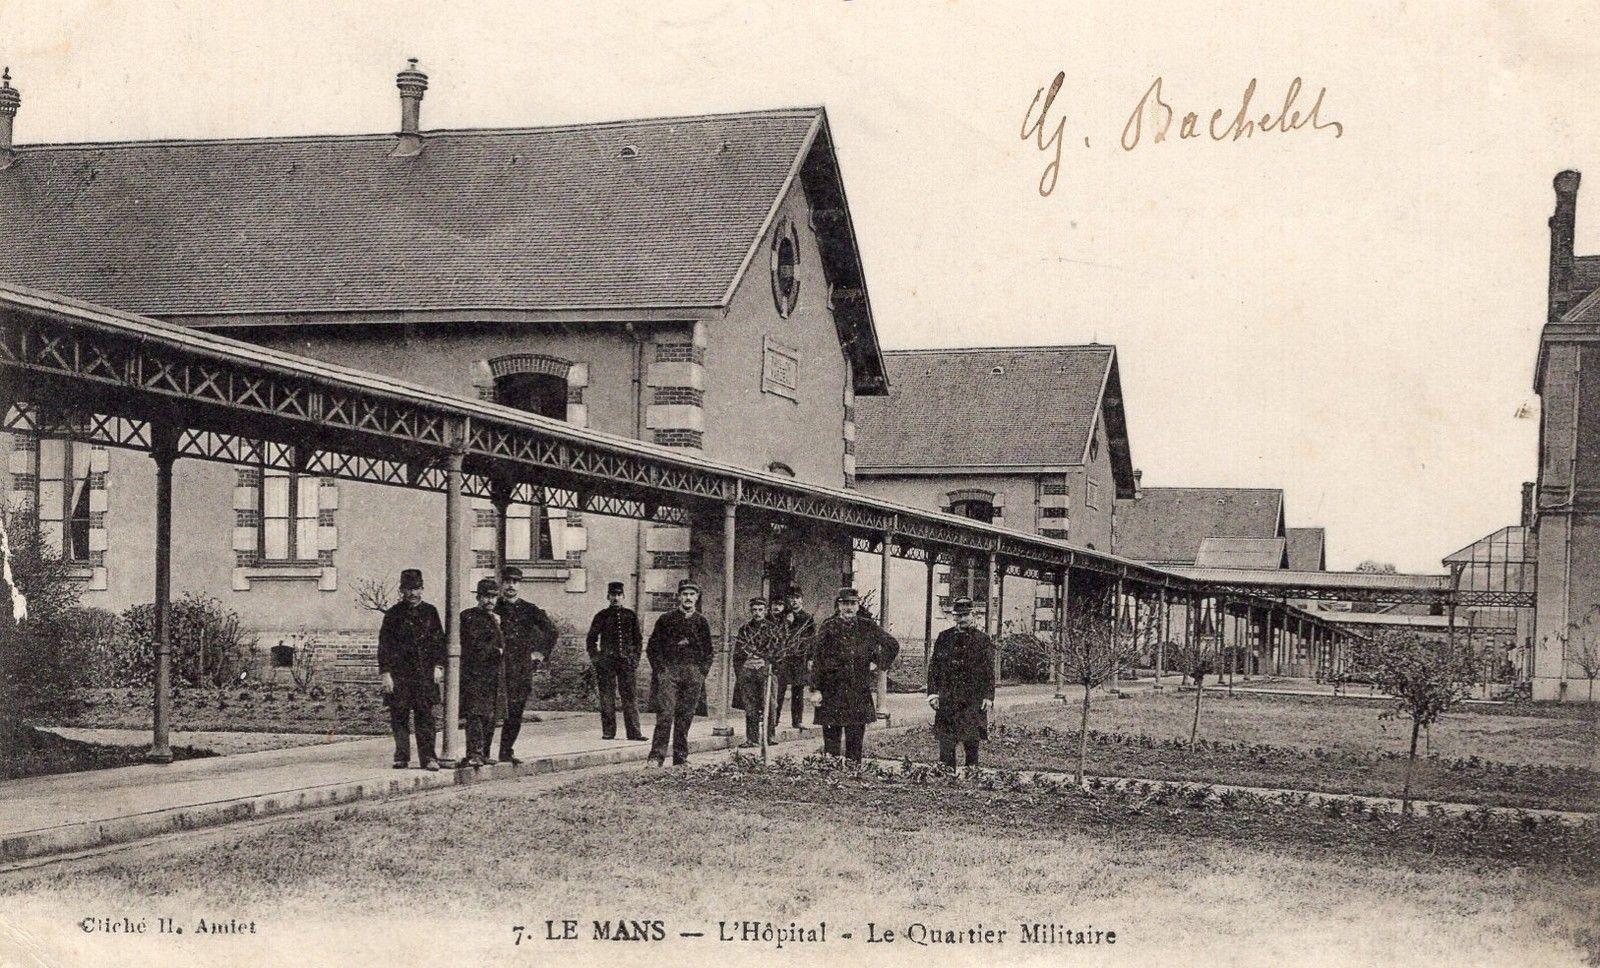 Le Mans - L'Hôpital - Le Quartier Mitaire